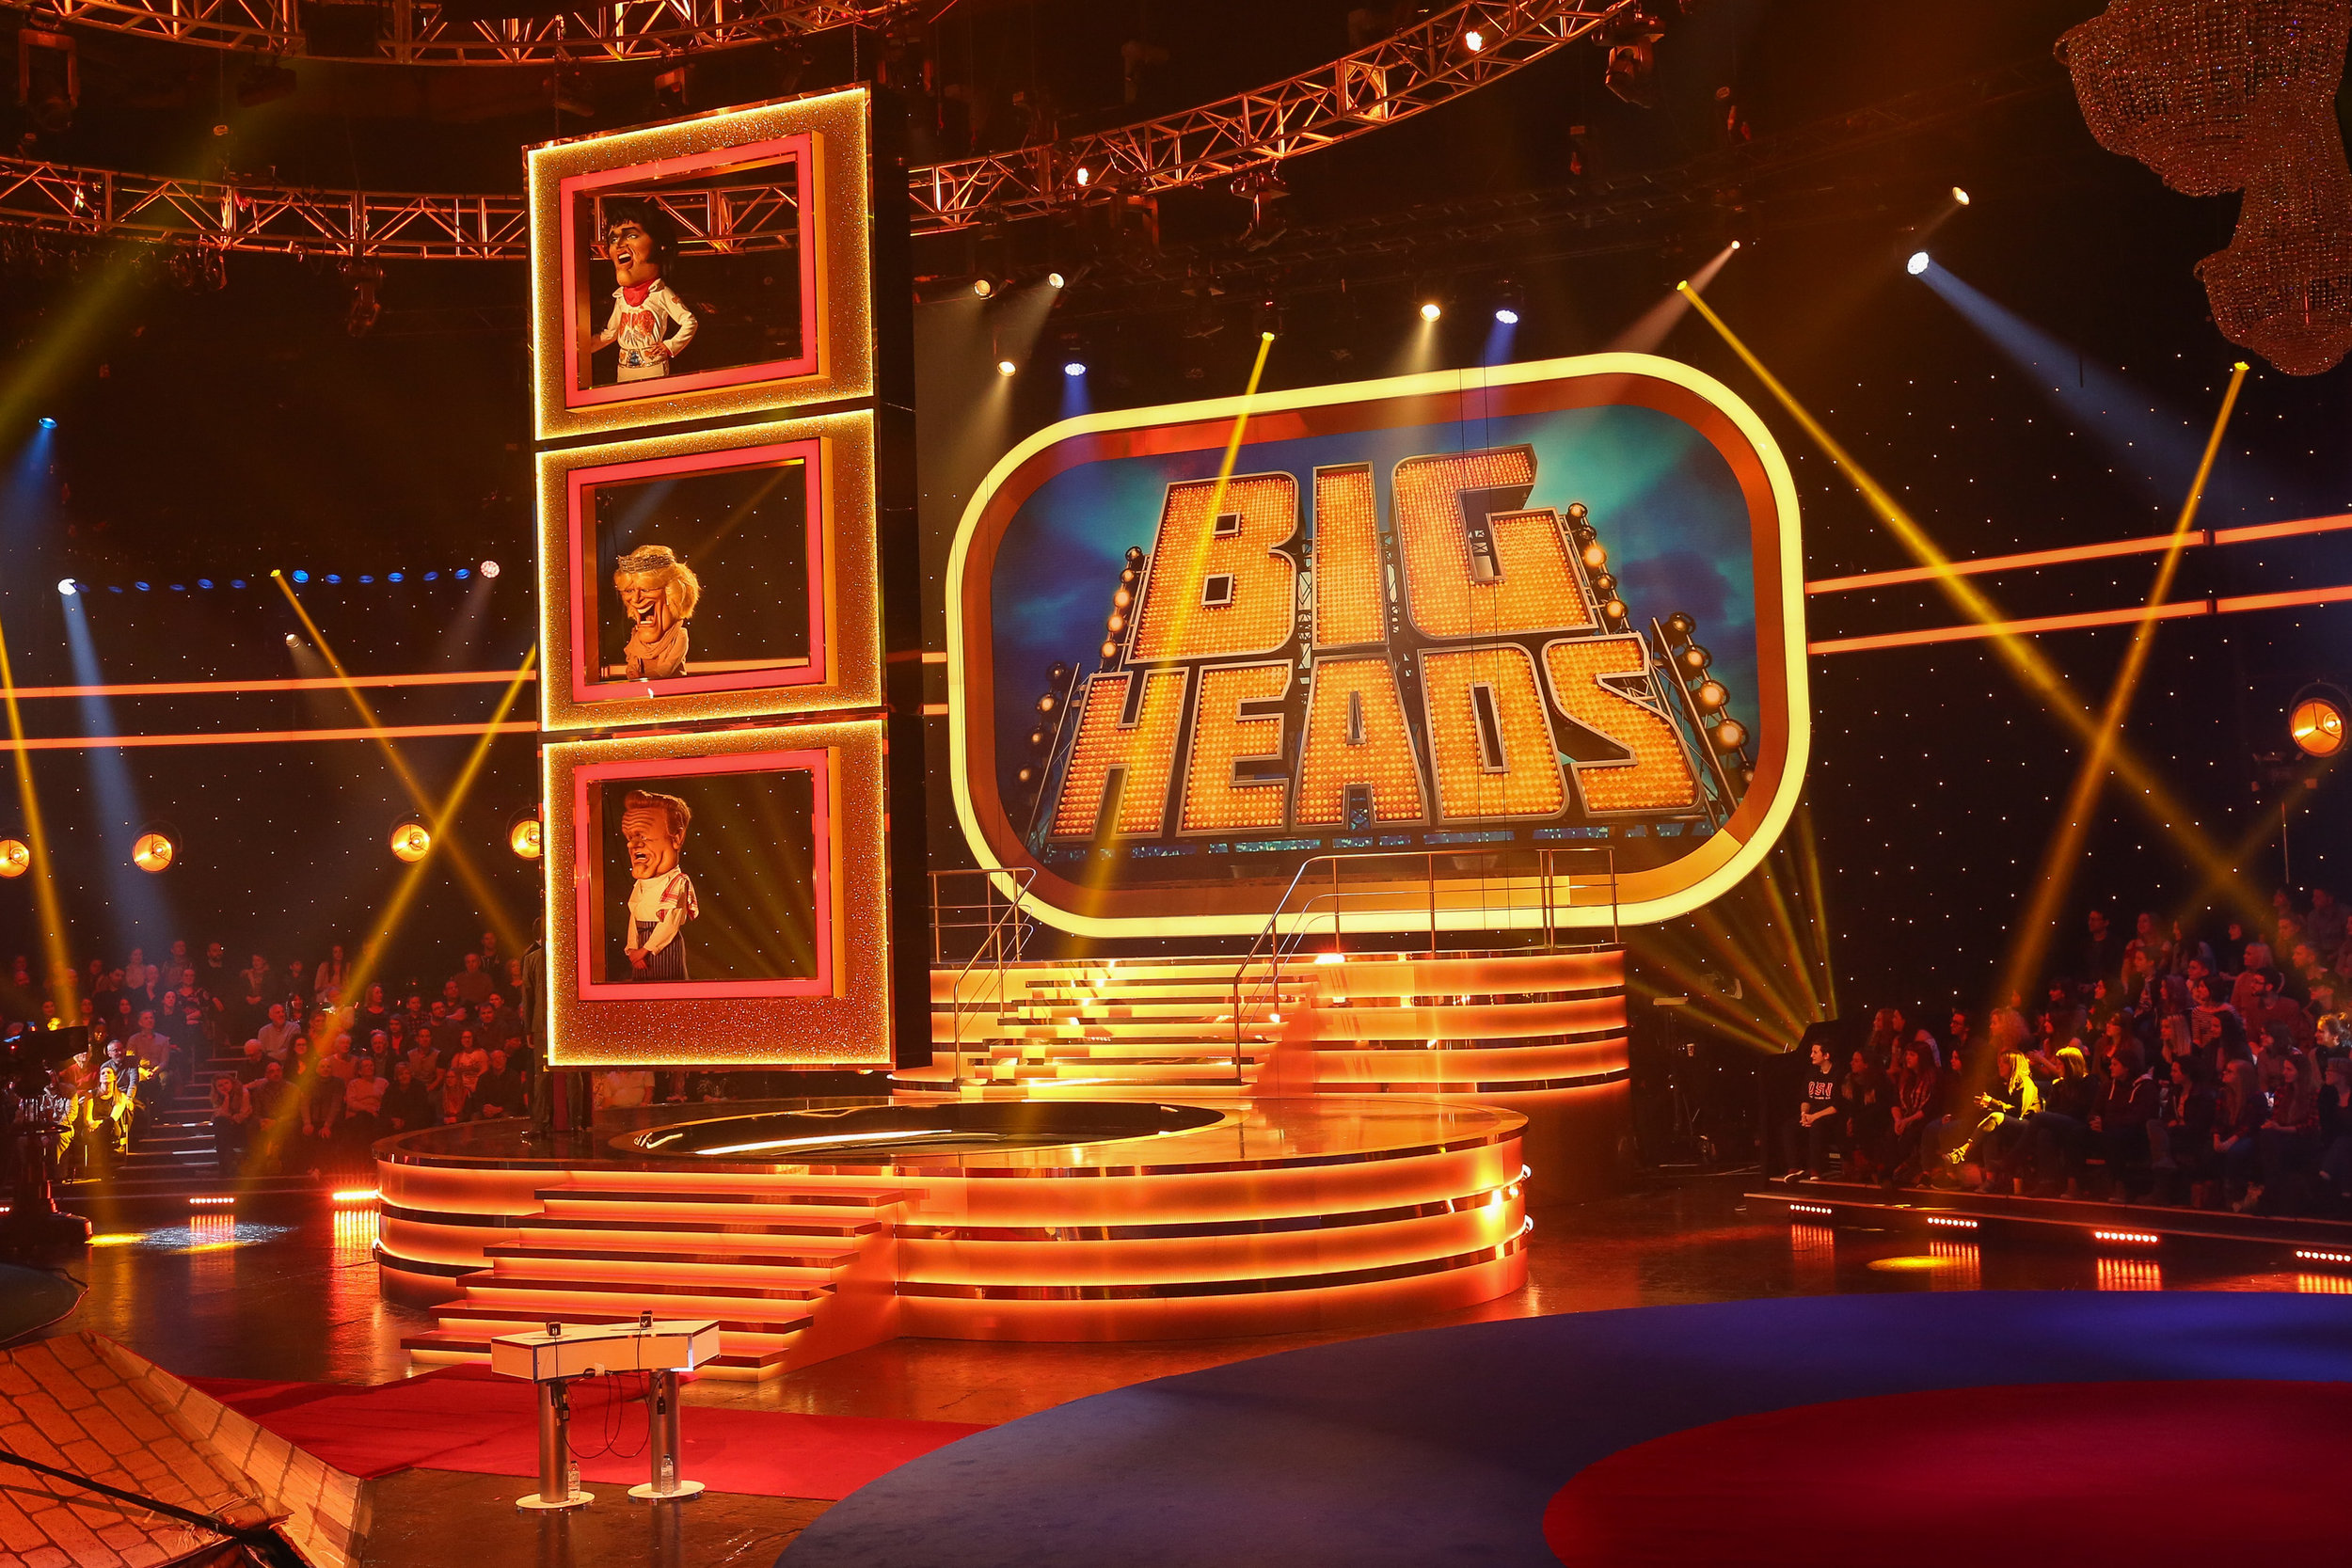 076_big_heads_0504.jpg